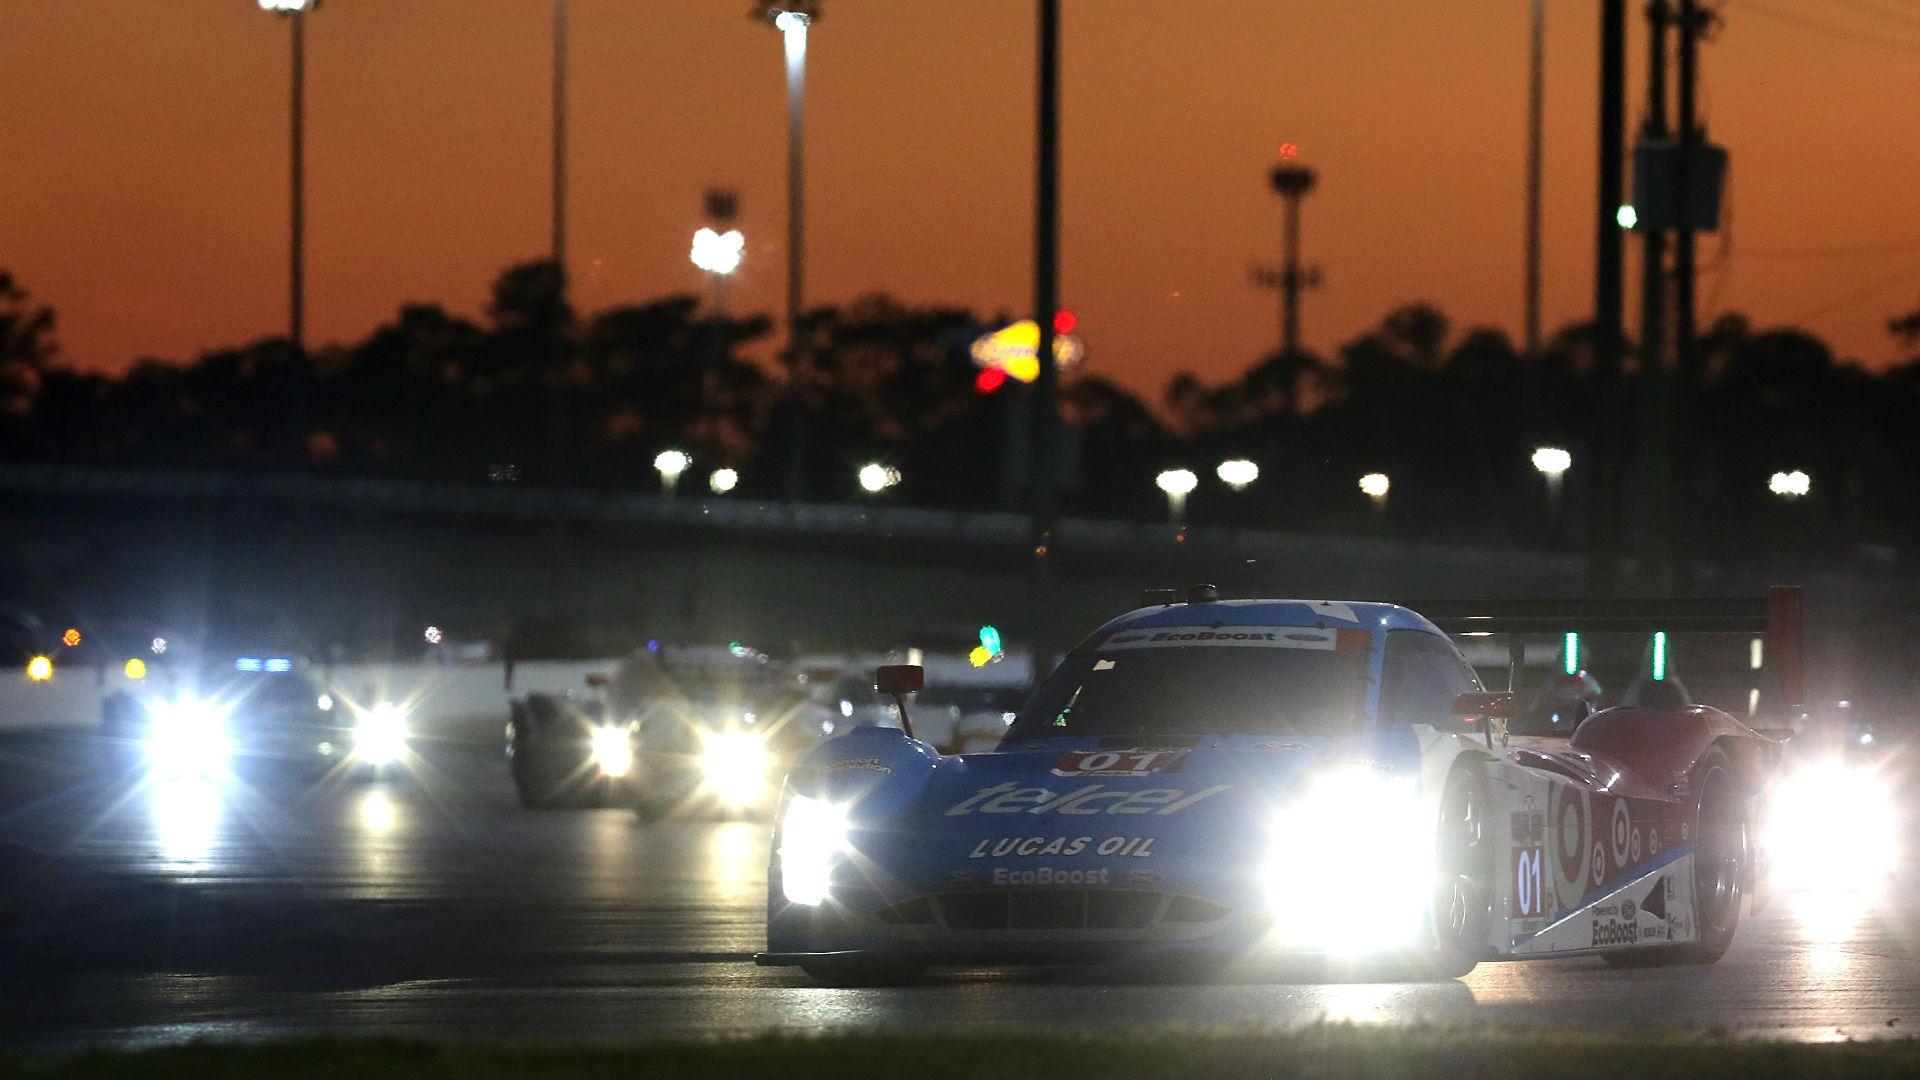 Rolex 24 at Daytona 2019: TV schedule, live stream info, entry list